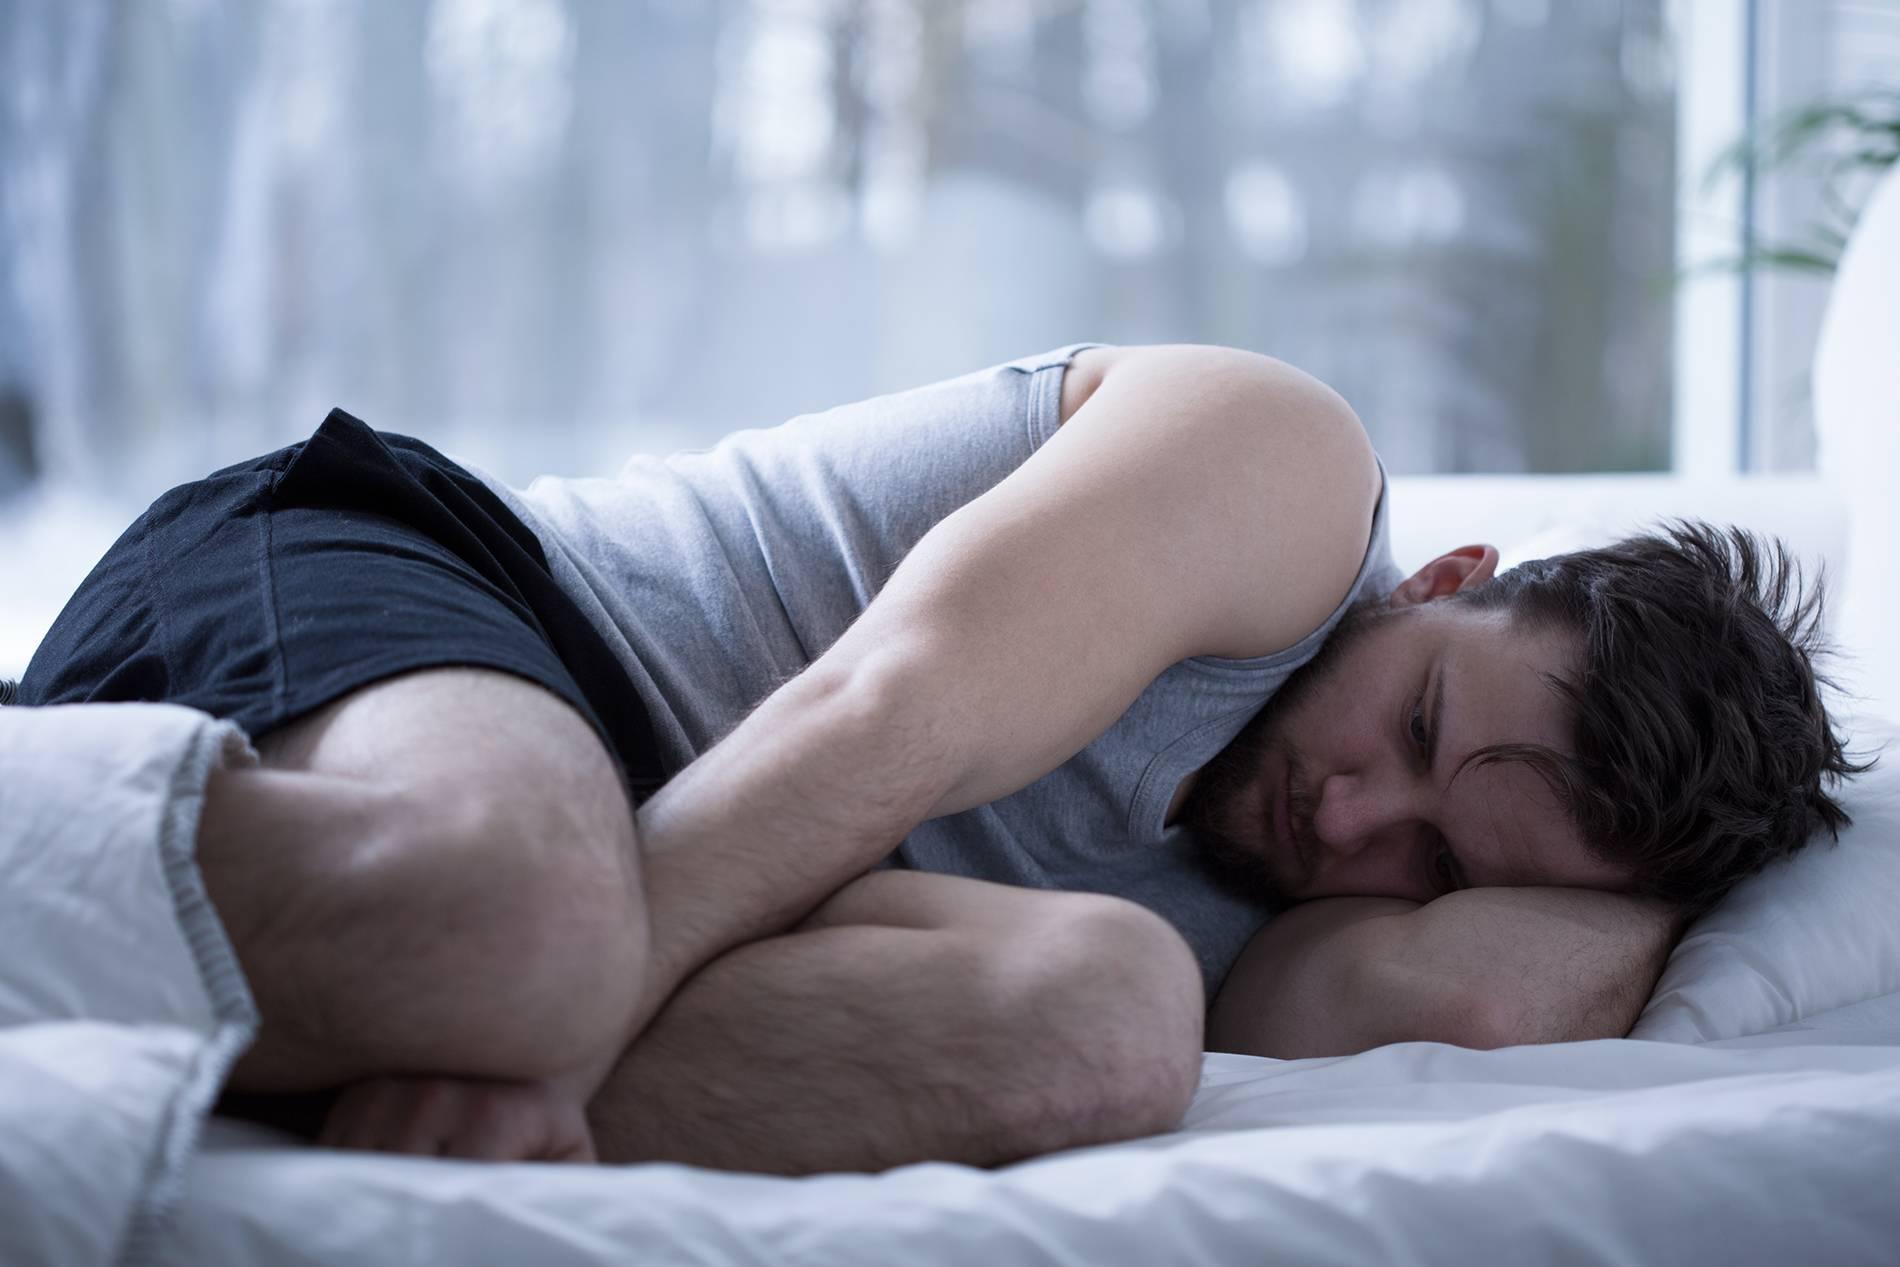 تعرف علي افضل الادوية المعالجة لضعف الخصوبة عند الرجال و الاسباب و الاعراض